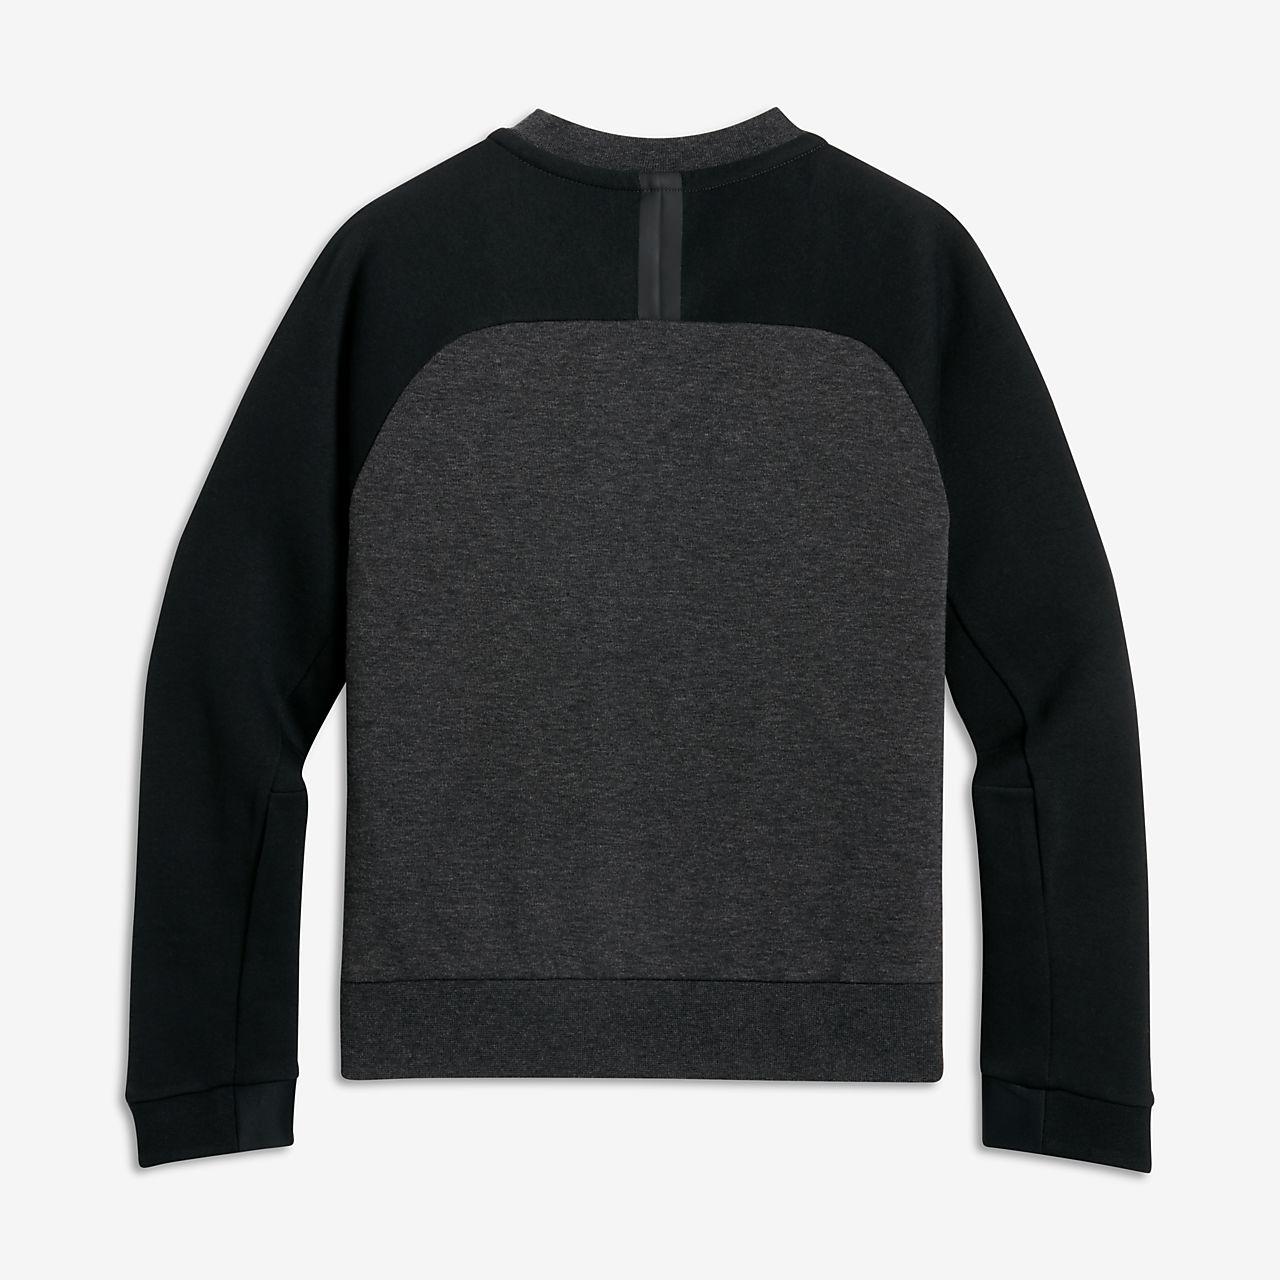 c53d9f436 Nike Sportswear Tech Fleece Bomber Older Kids  (Boys ) Jacket. Nike ...